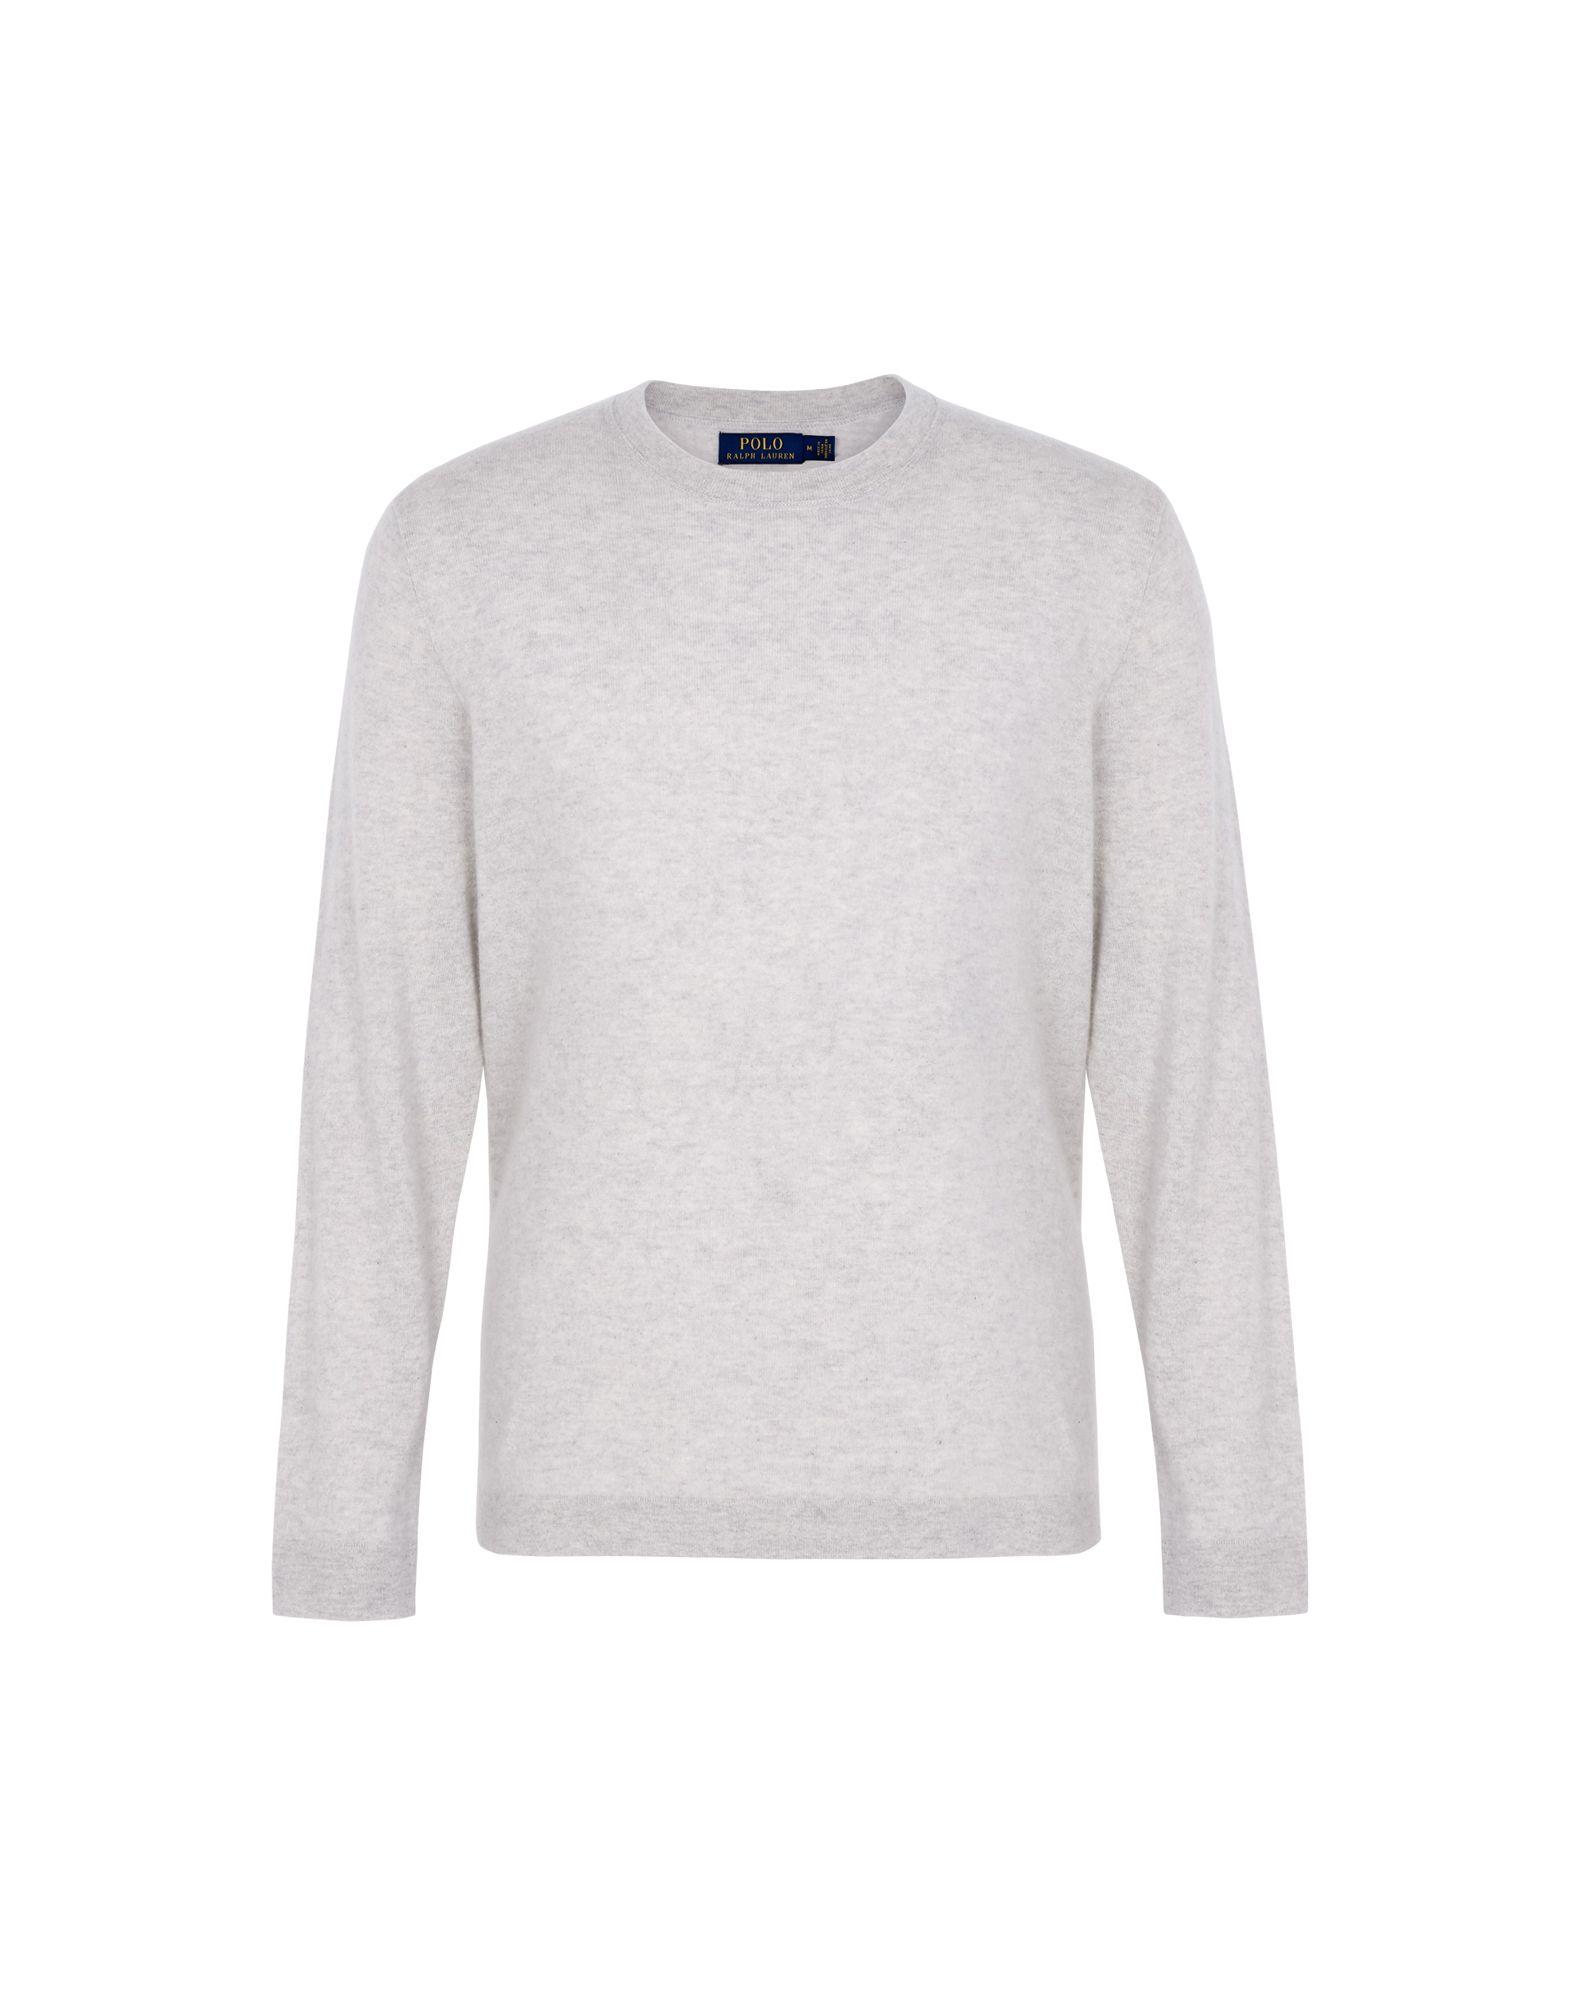 Maglia In Cachemire Polo Ralph Lauren Cashmere Sweater - Uomo - Acquista online su